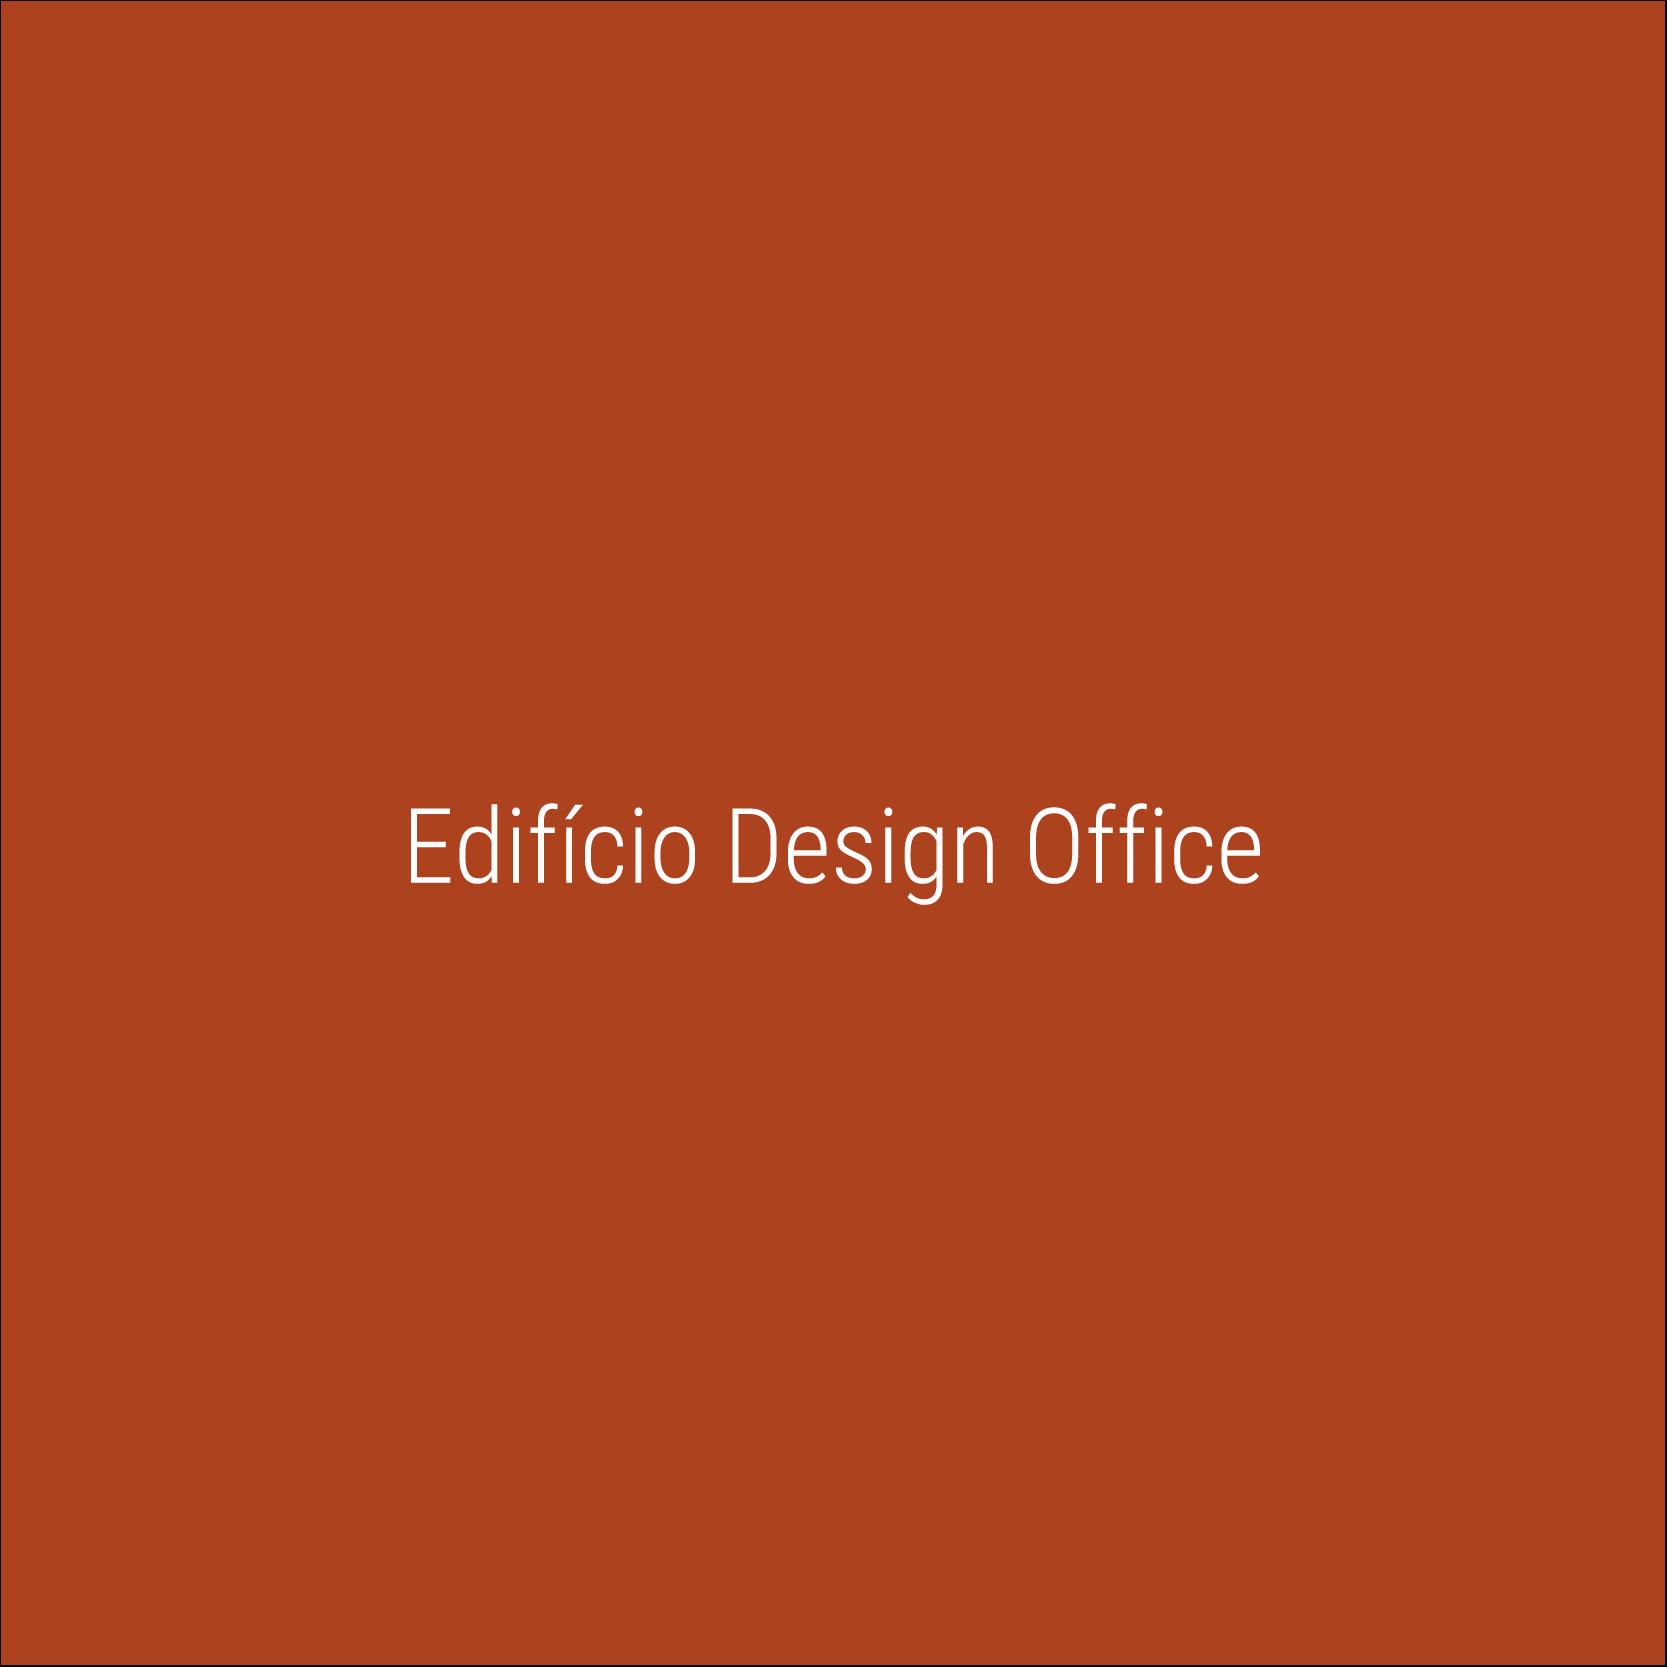 design office_Prancheta 1_Prancheta 1